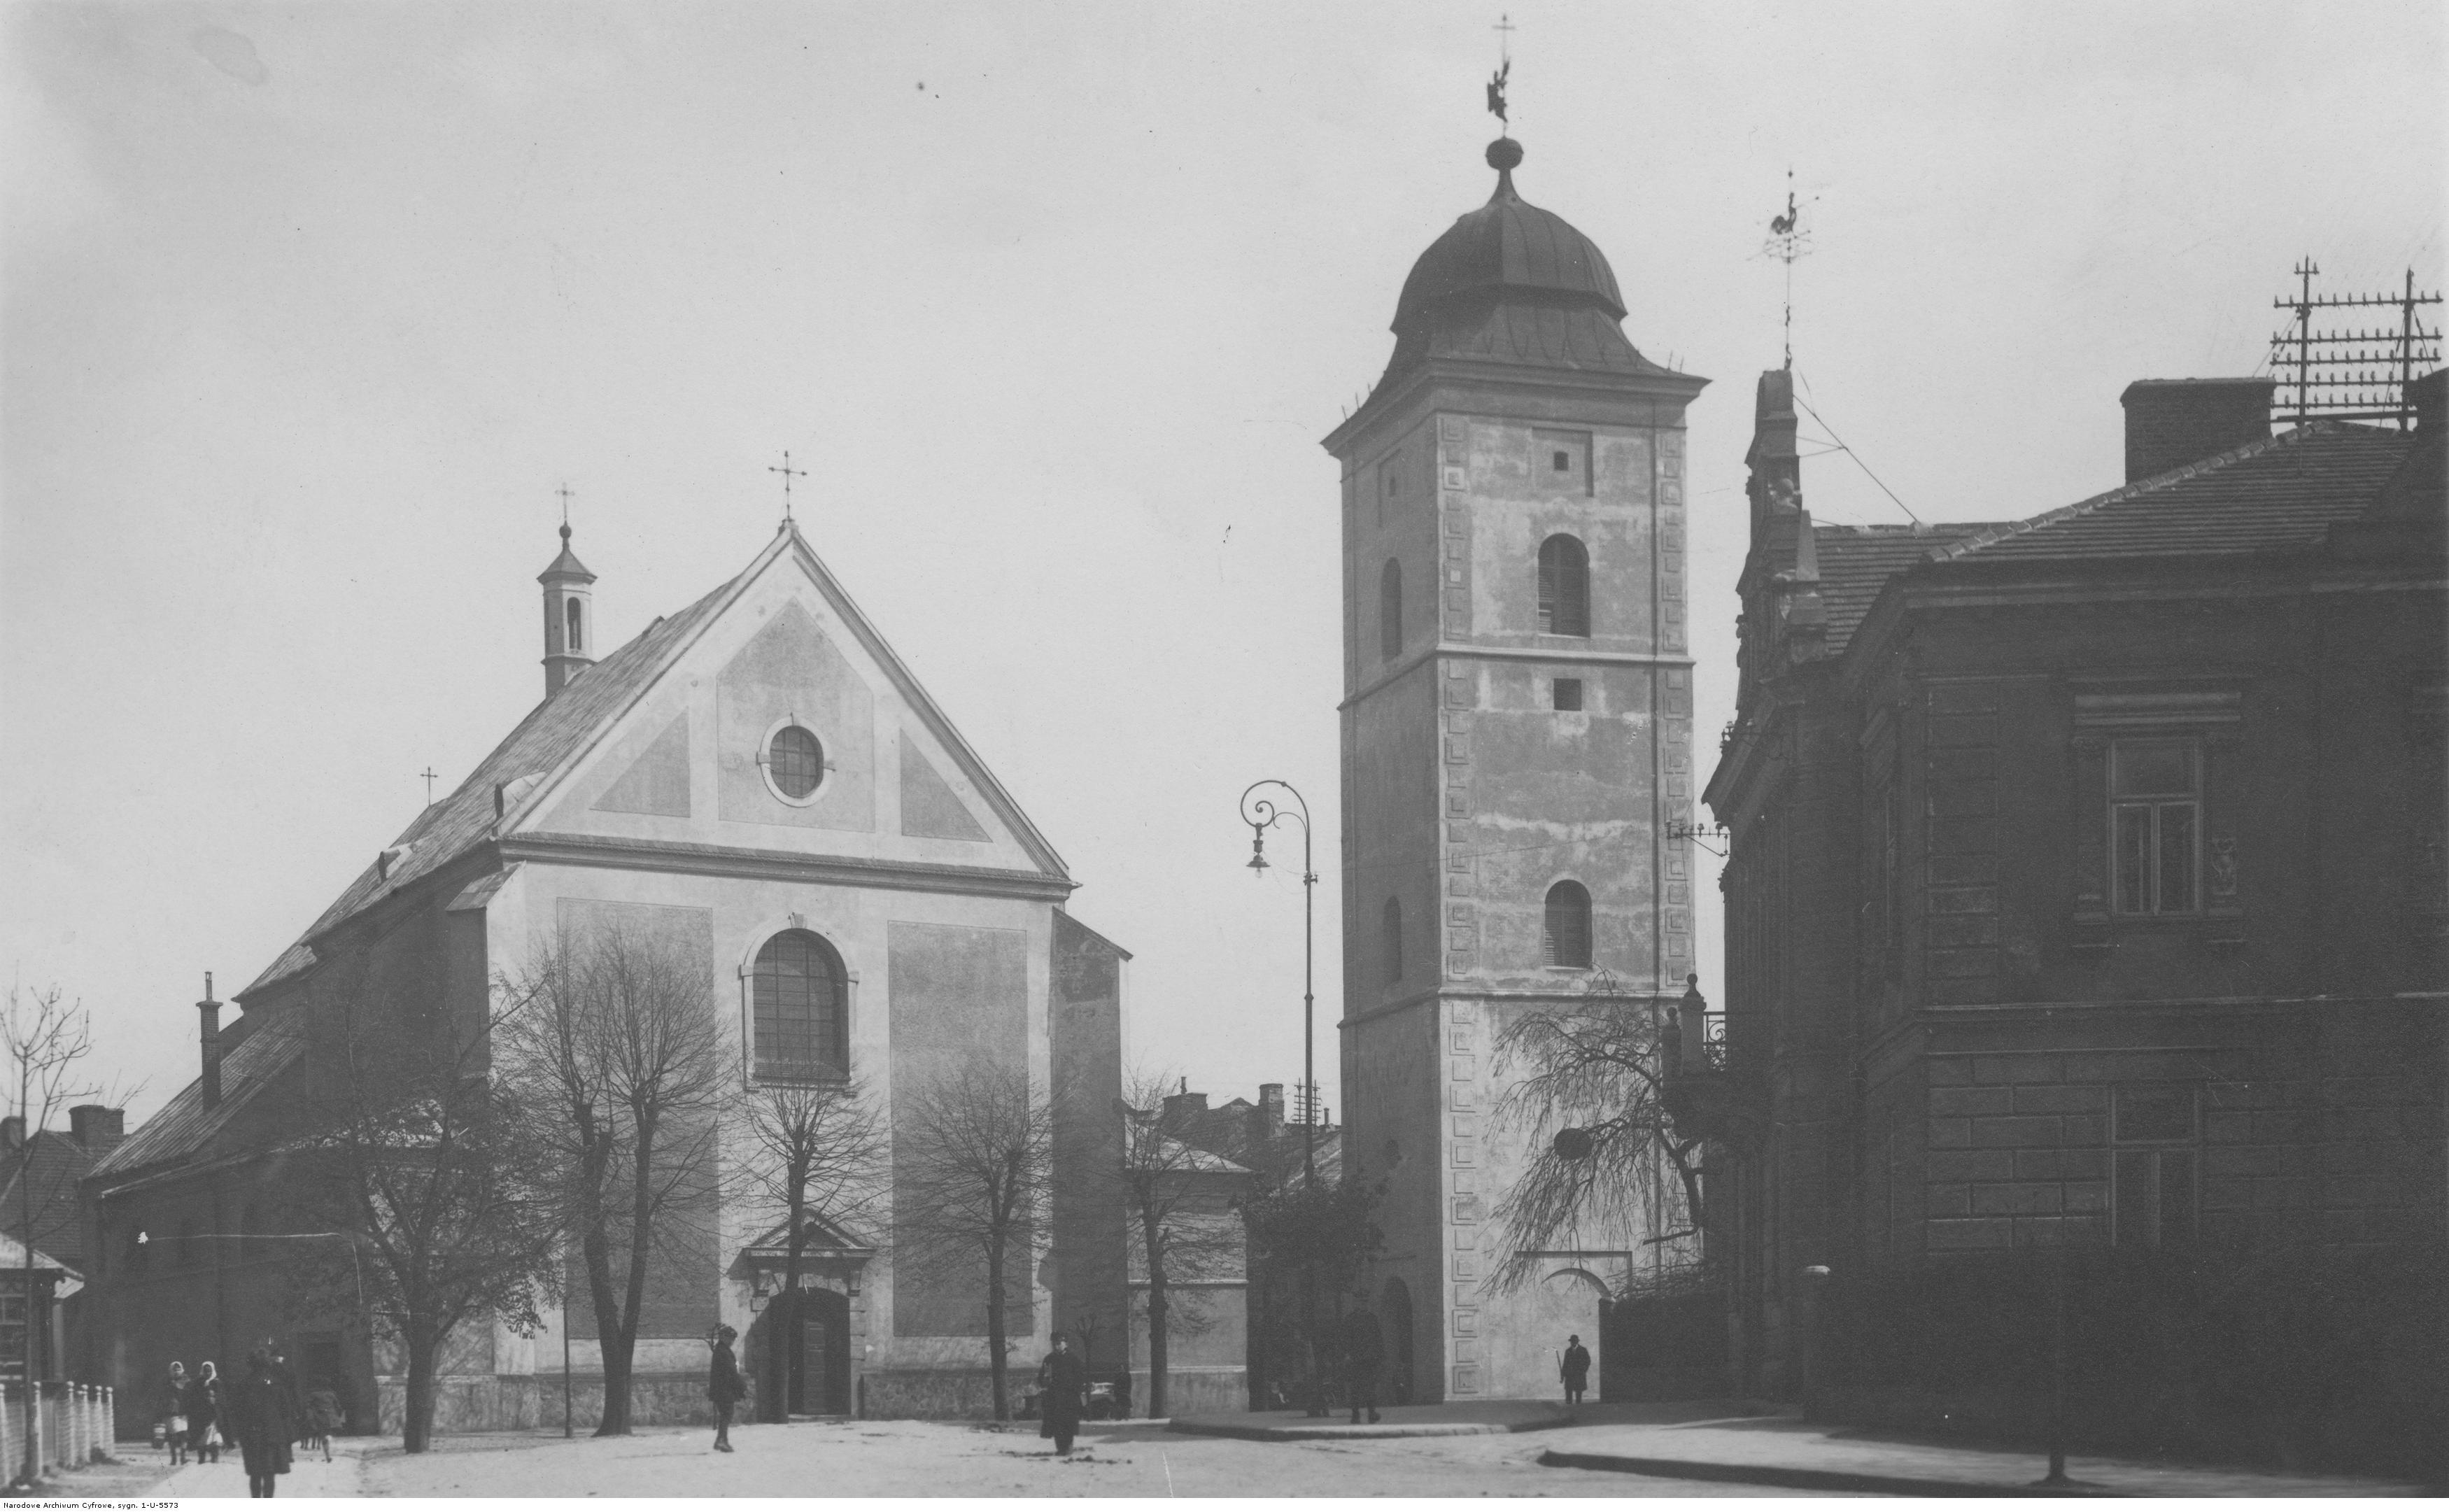 Kościół Farny świętych Wojciecha i Stanisława. Widok zewnętrzny kościoła wraz z najstarszą budowlą miasta dzwonnicą, rok 1918-1939